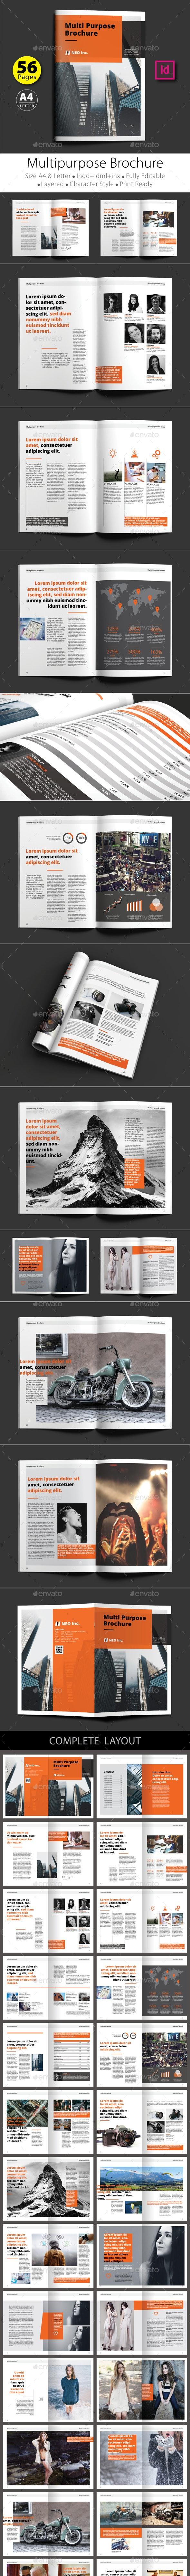 Marlakk Multipurpose Brochure V.1 - Informational Brochures